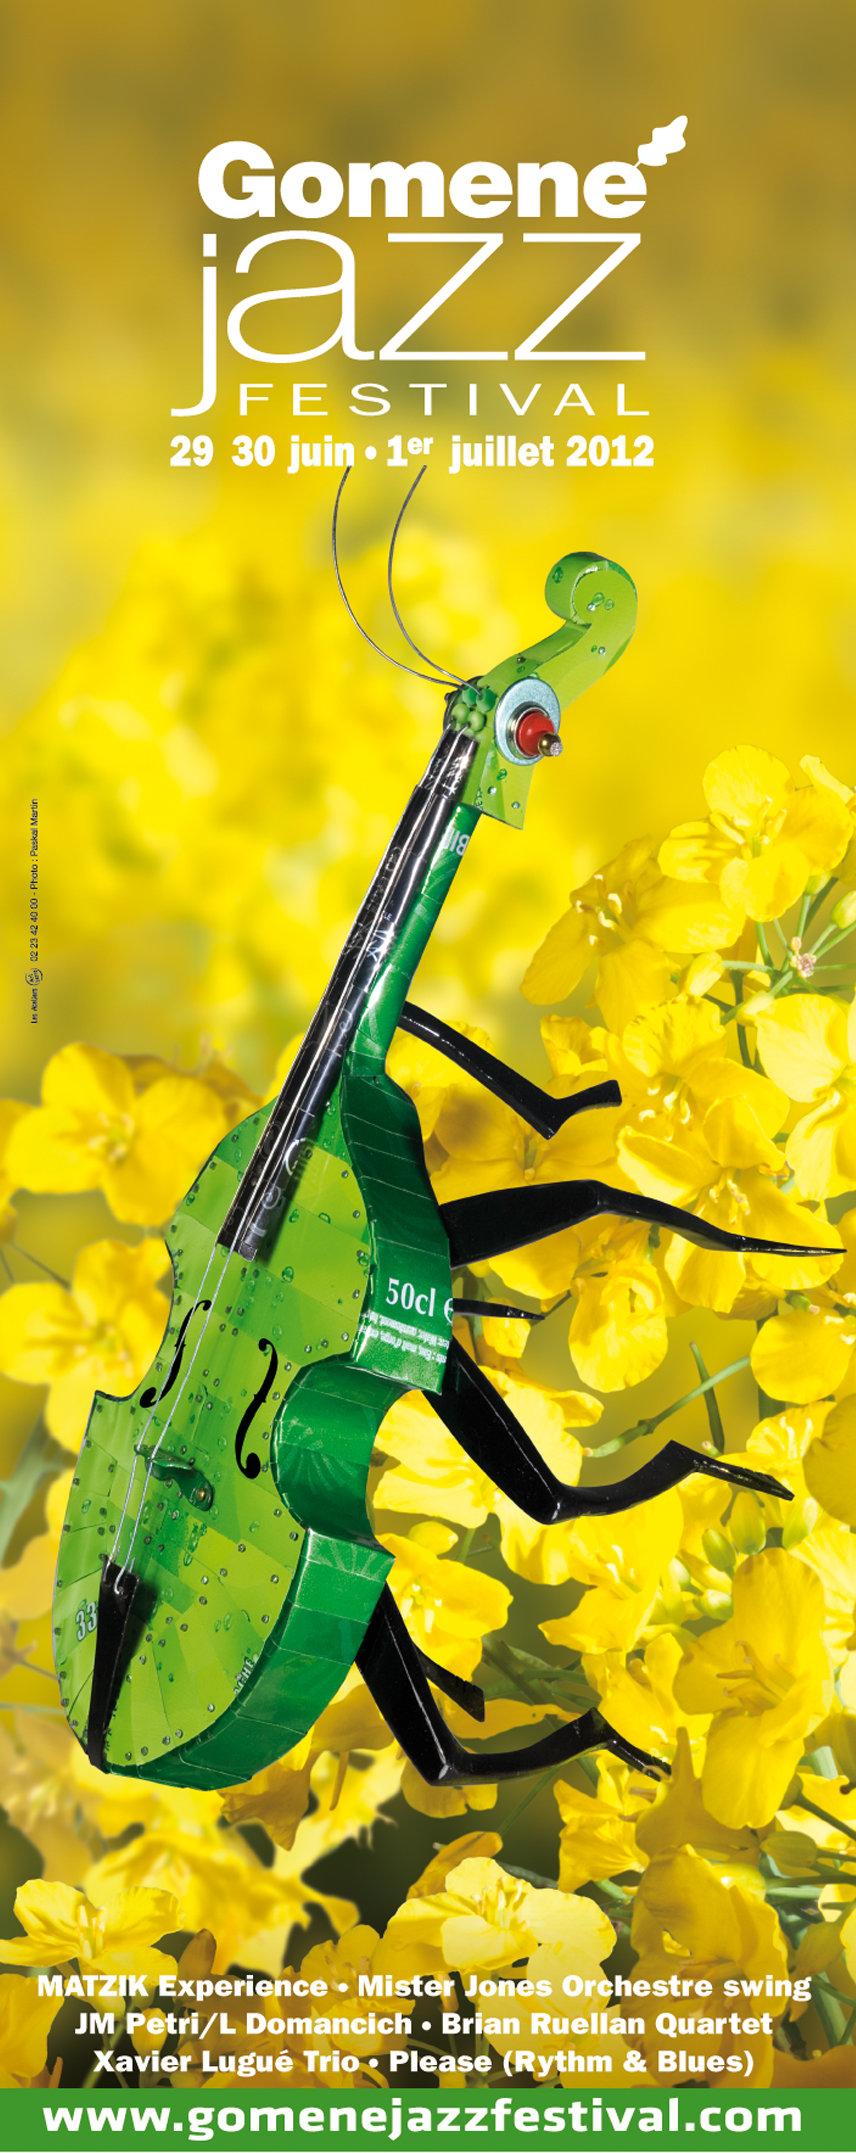 affiche Gomené 2012 sculpteur Alain Burban photo Paskal Martin